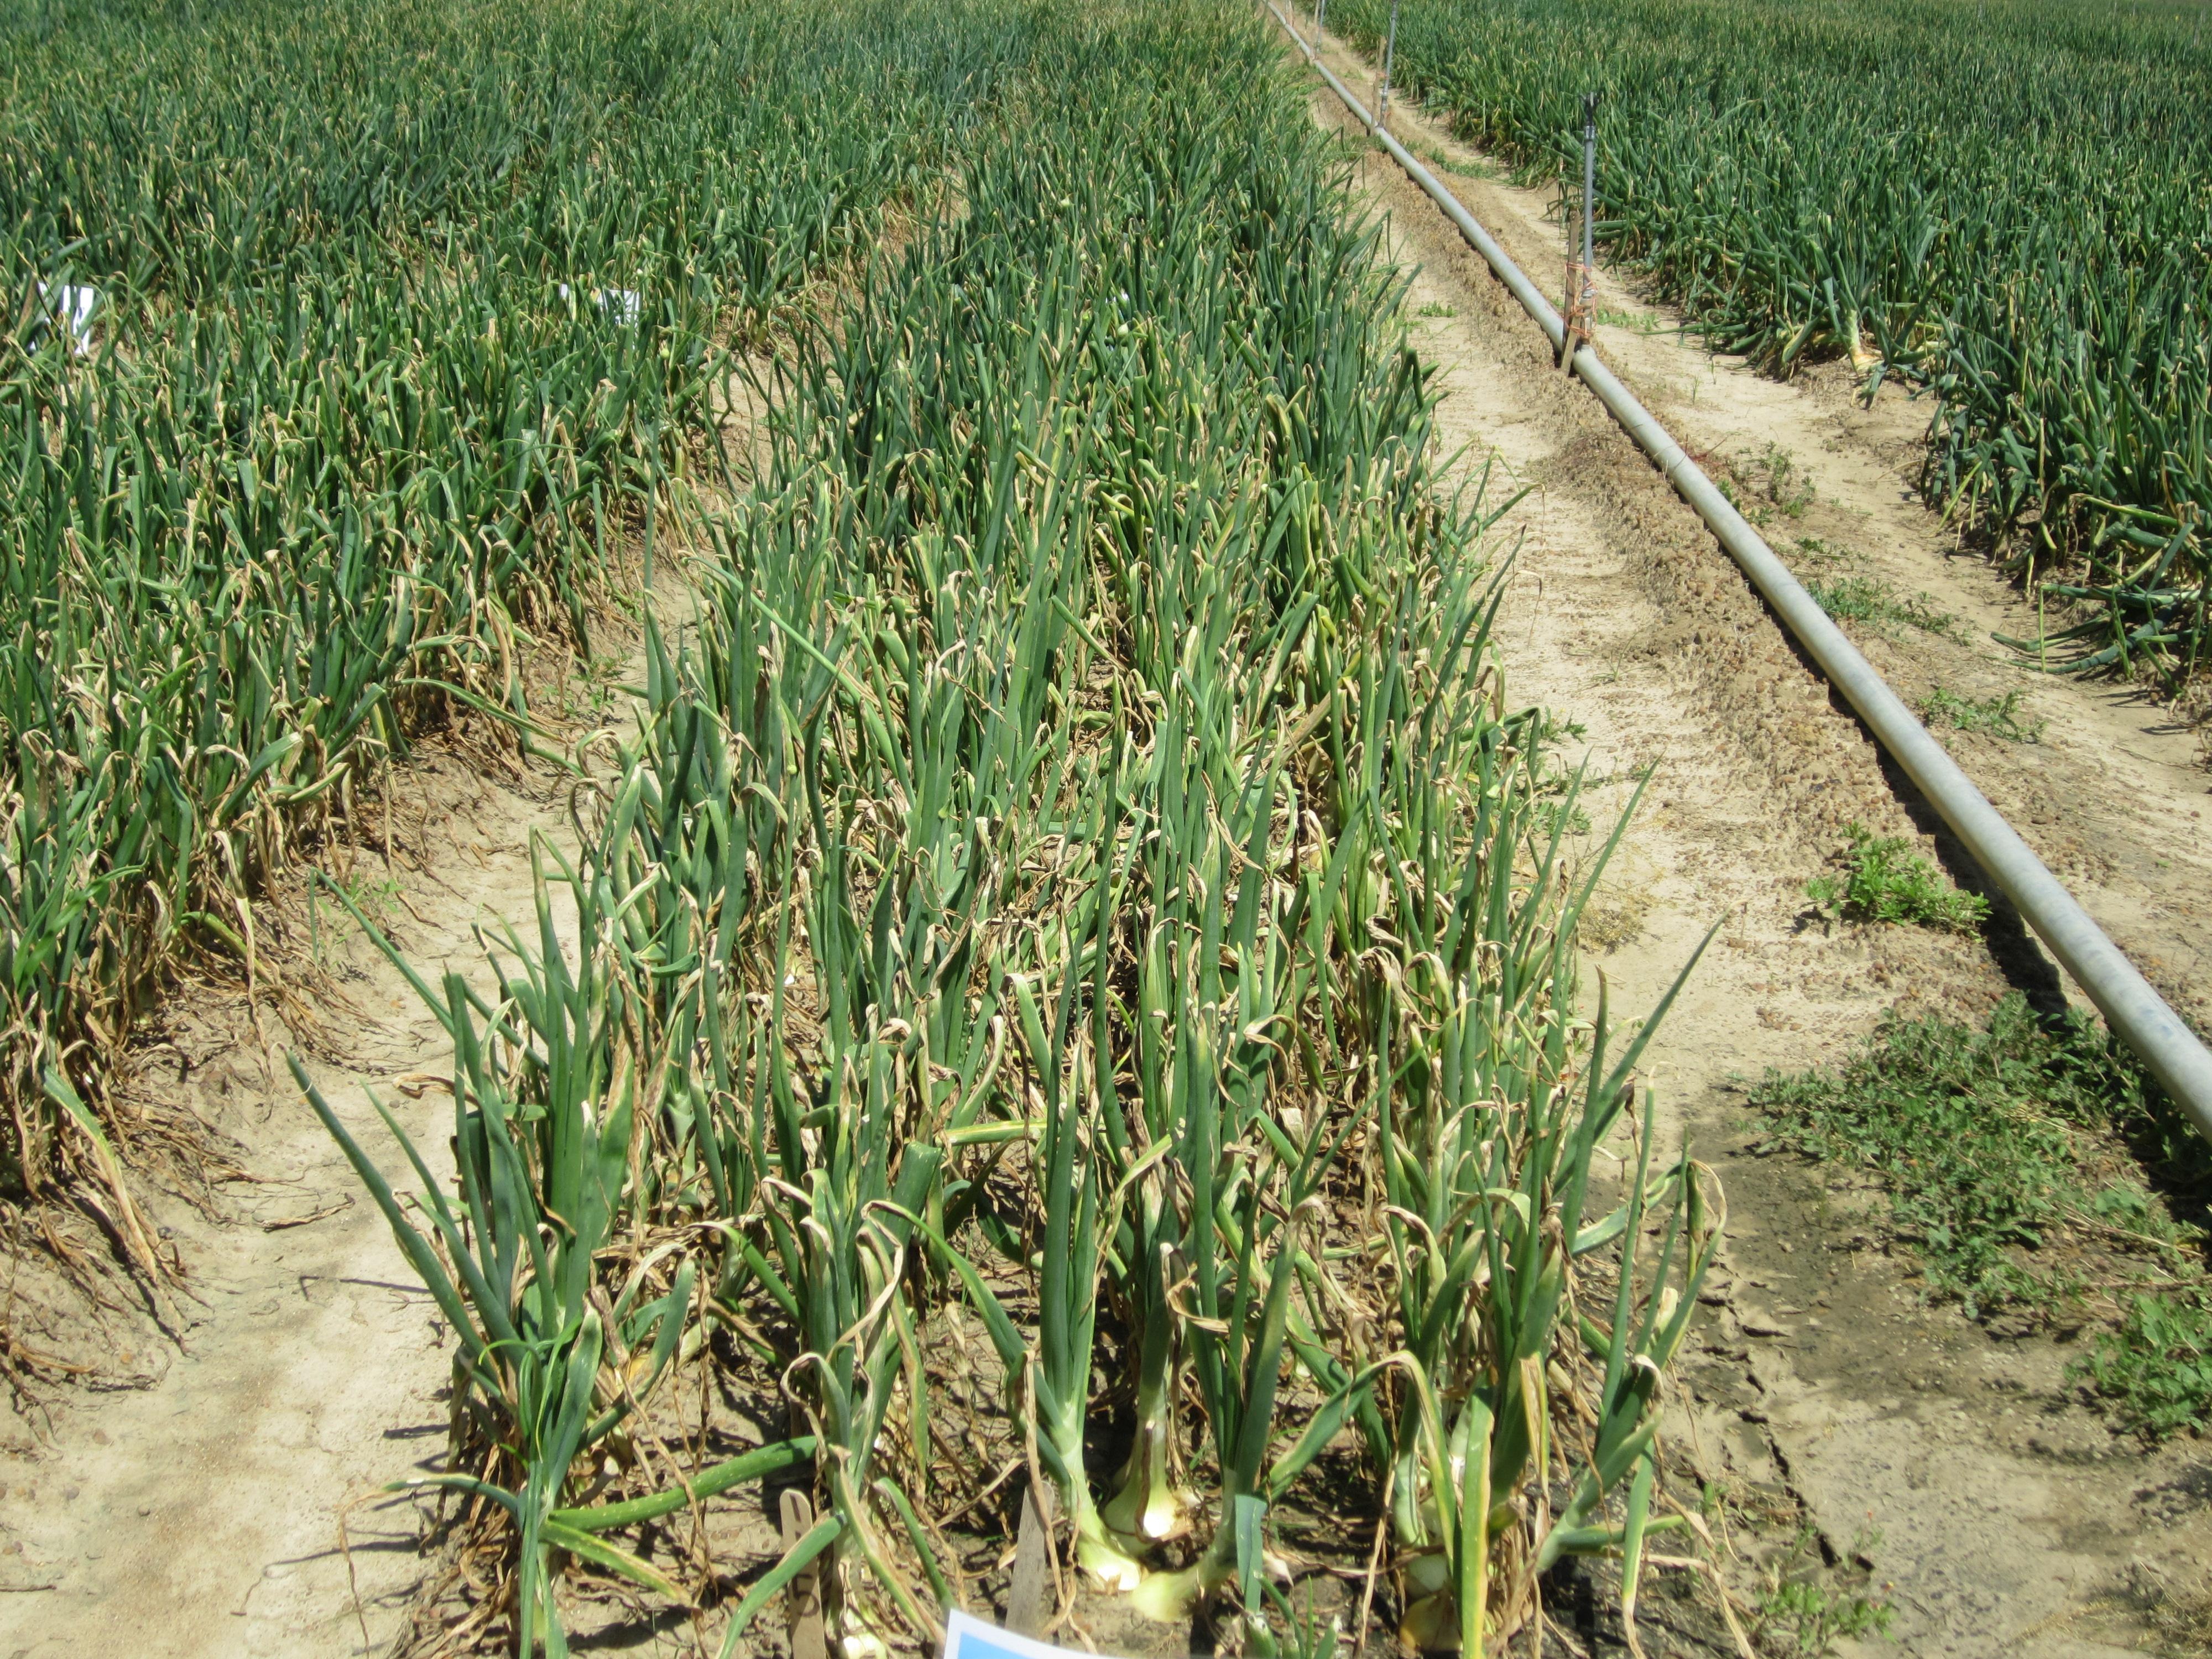 Vidalia onions grow in a field in Lyons, Ga.